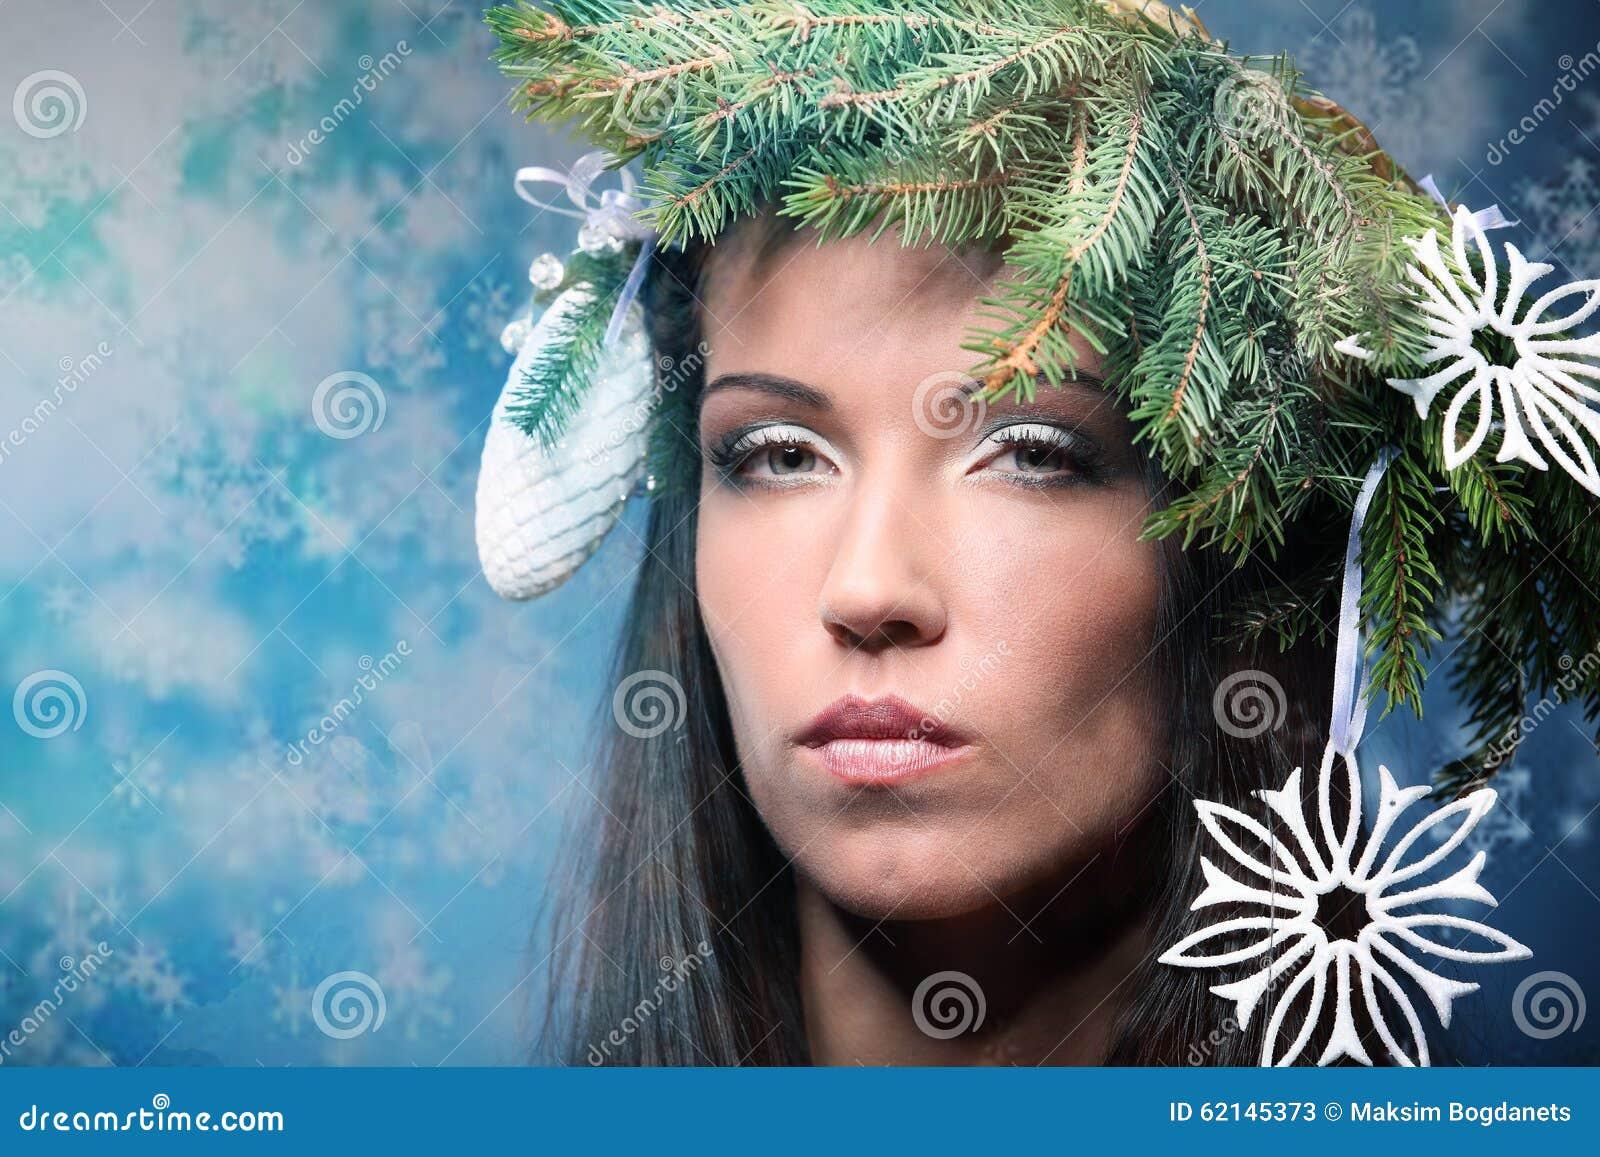 Schonheits Mode Modell Girl Mit Weihnachtsbaum Frisur Stockbild